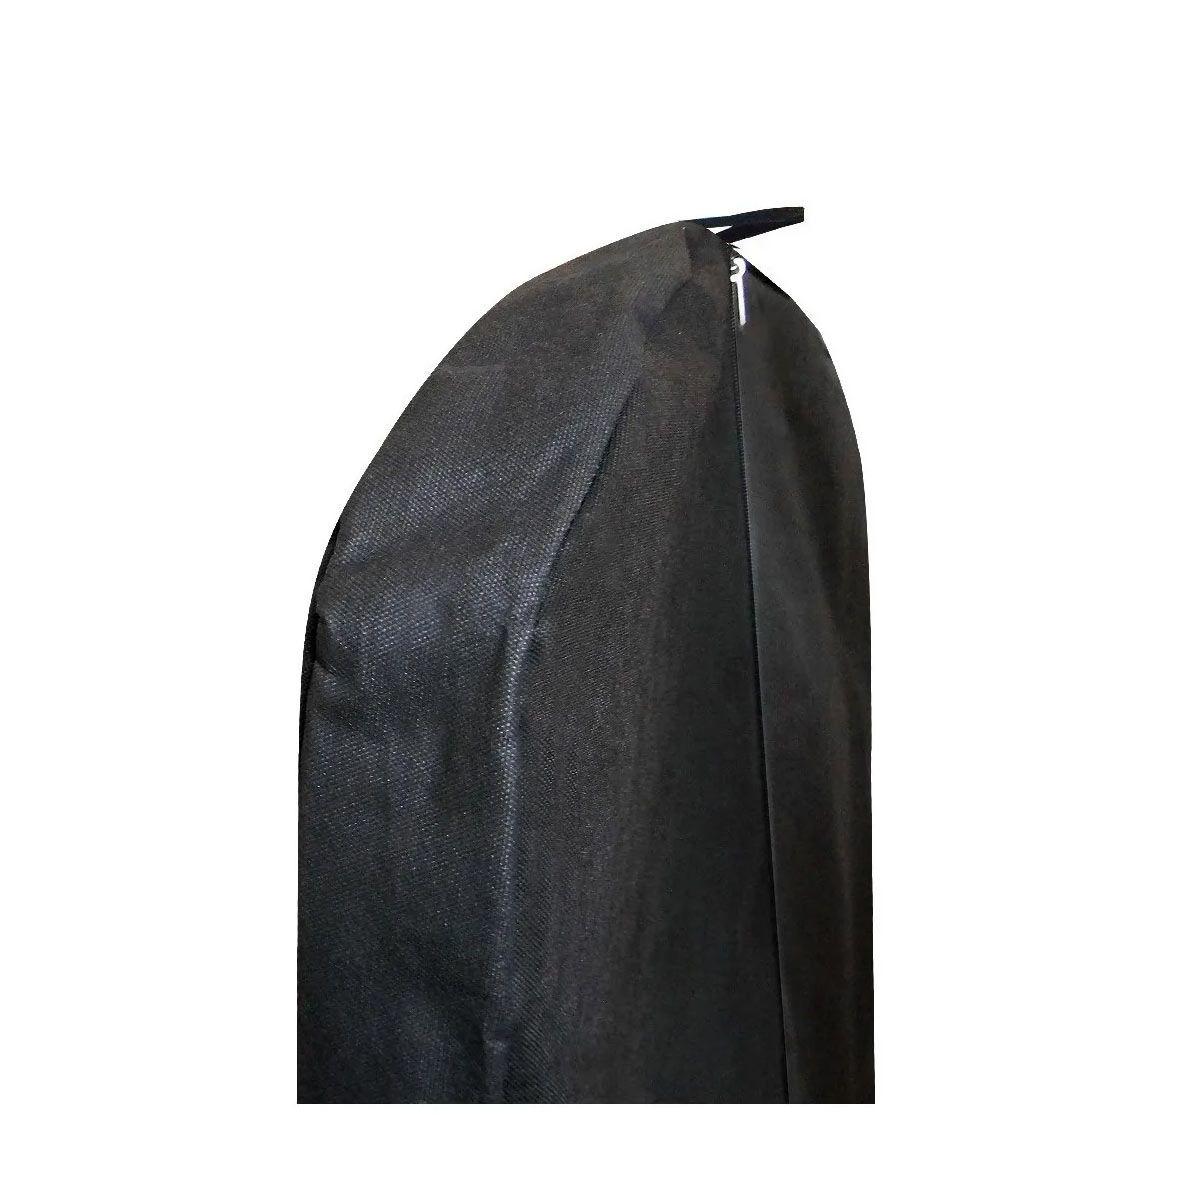 Capa Para Vestido De Noiva Preto Com Zíper 100% Tnt - Com Lateral